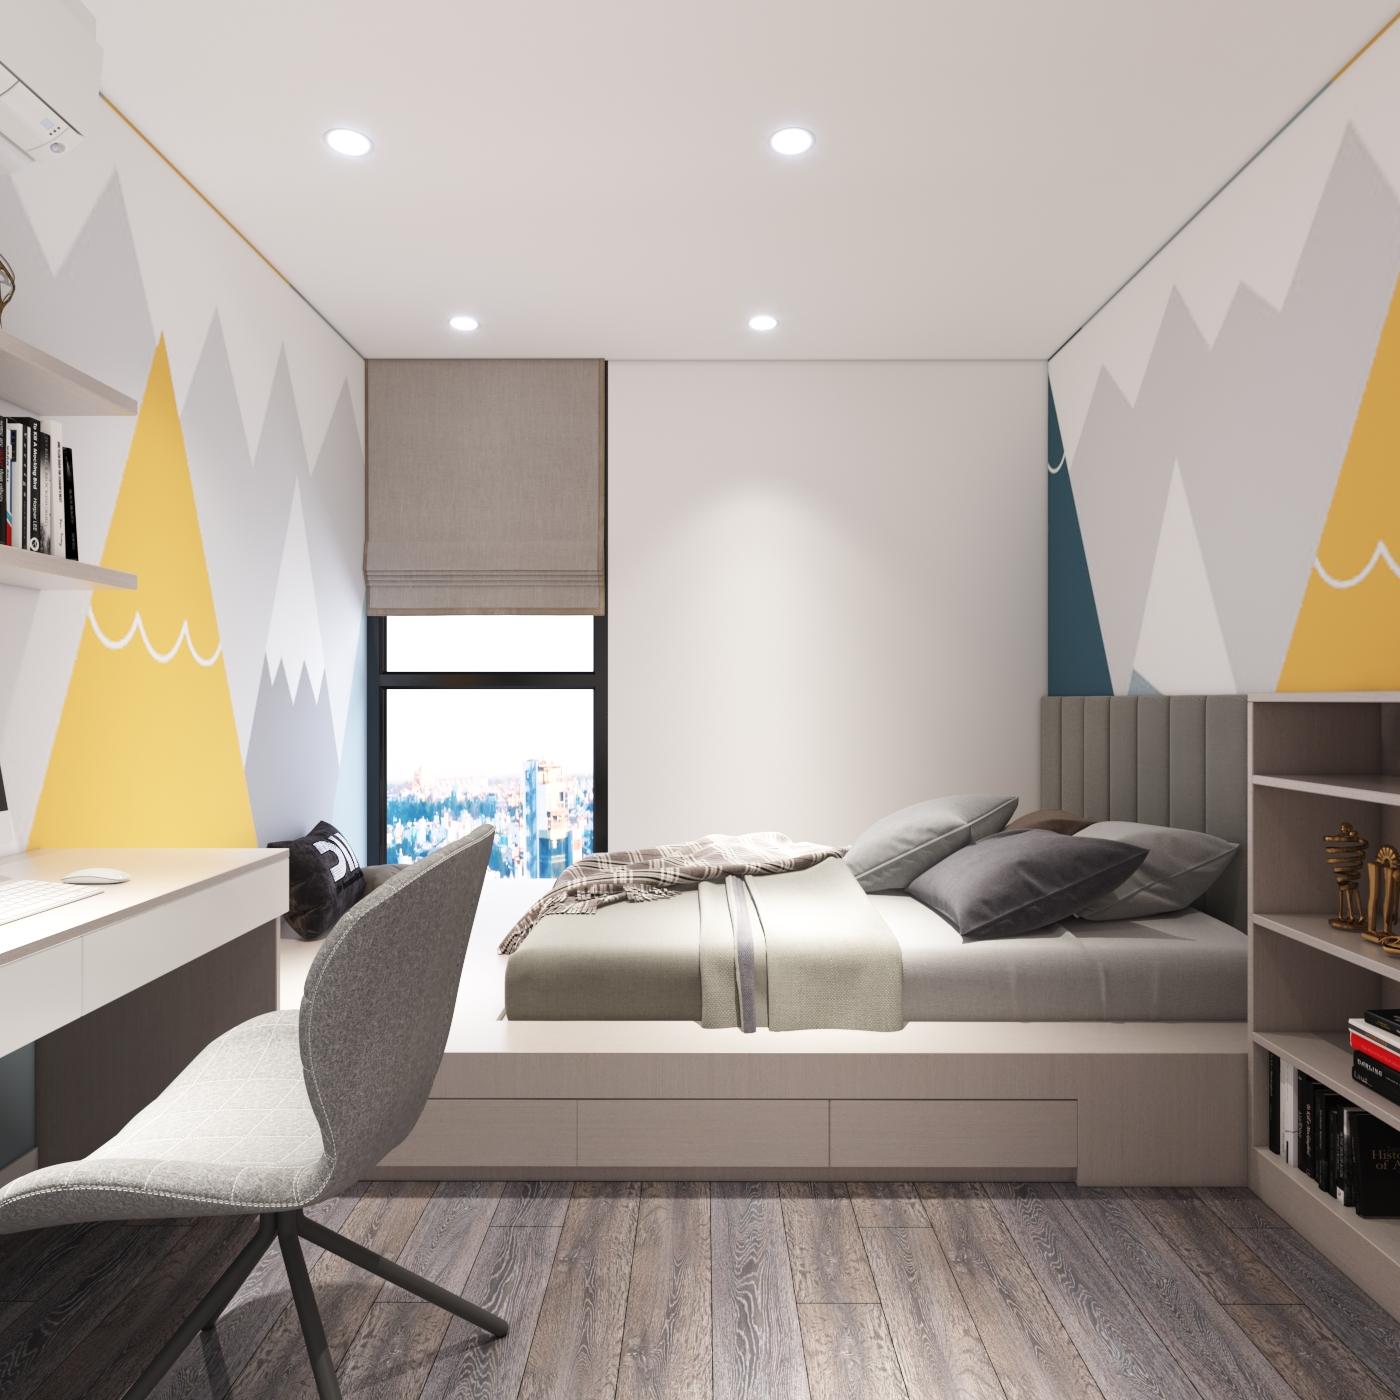 Thiết kế nội thất Chung Cư tại Hà Nội Chung cư New Skyline Văn Quán 1580465737 18